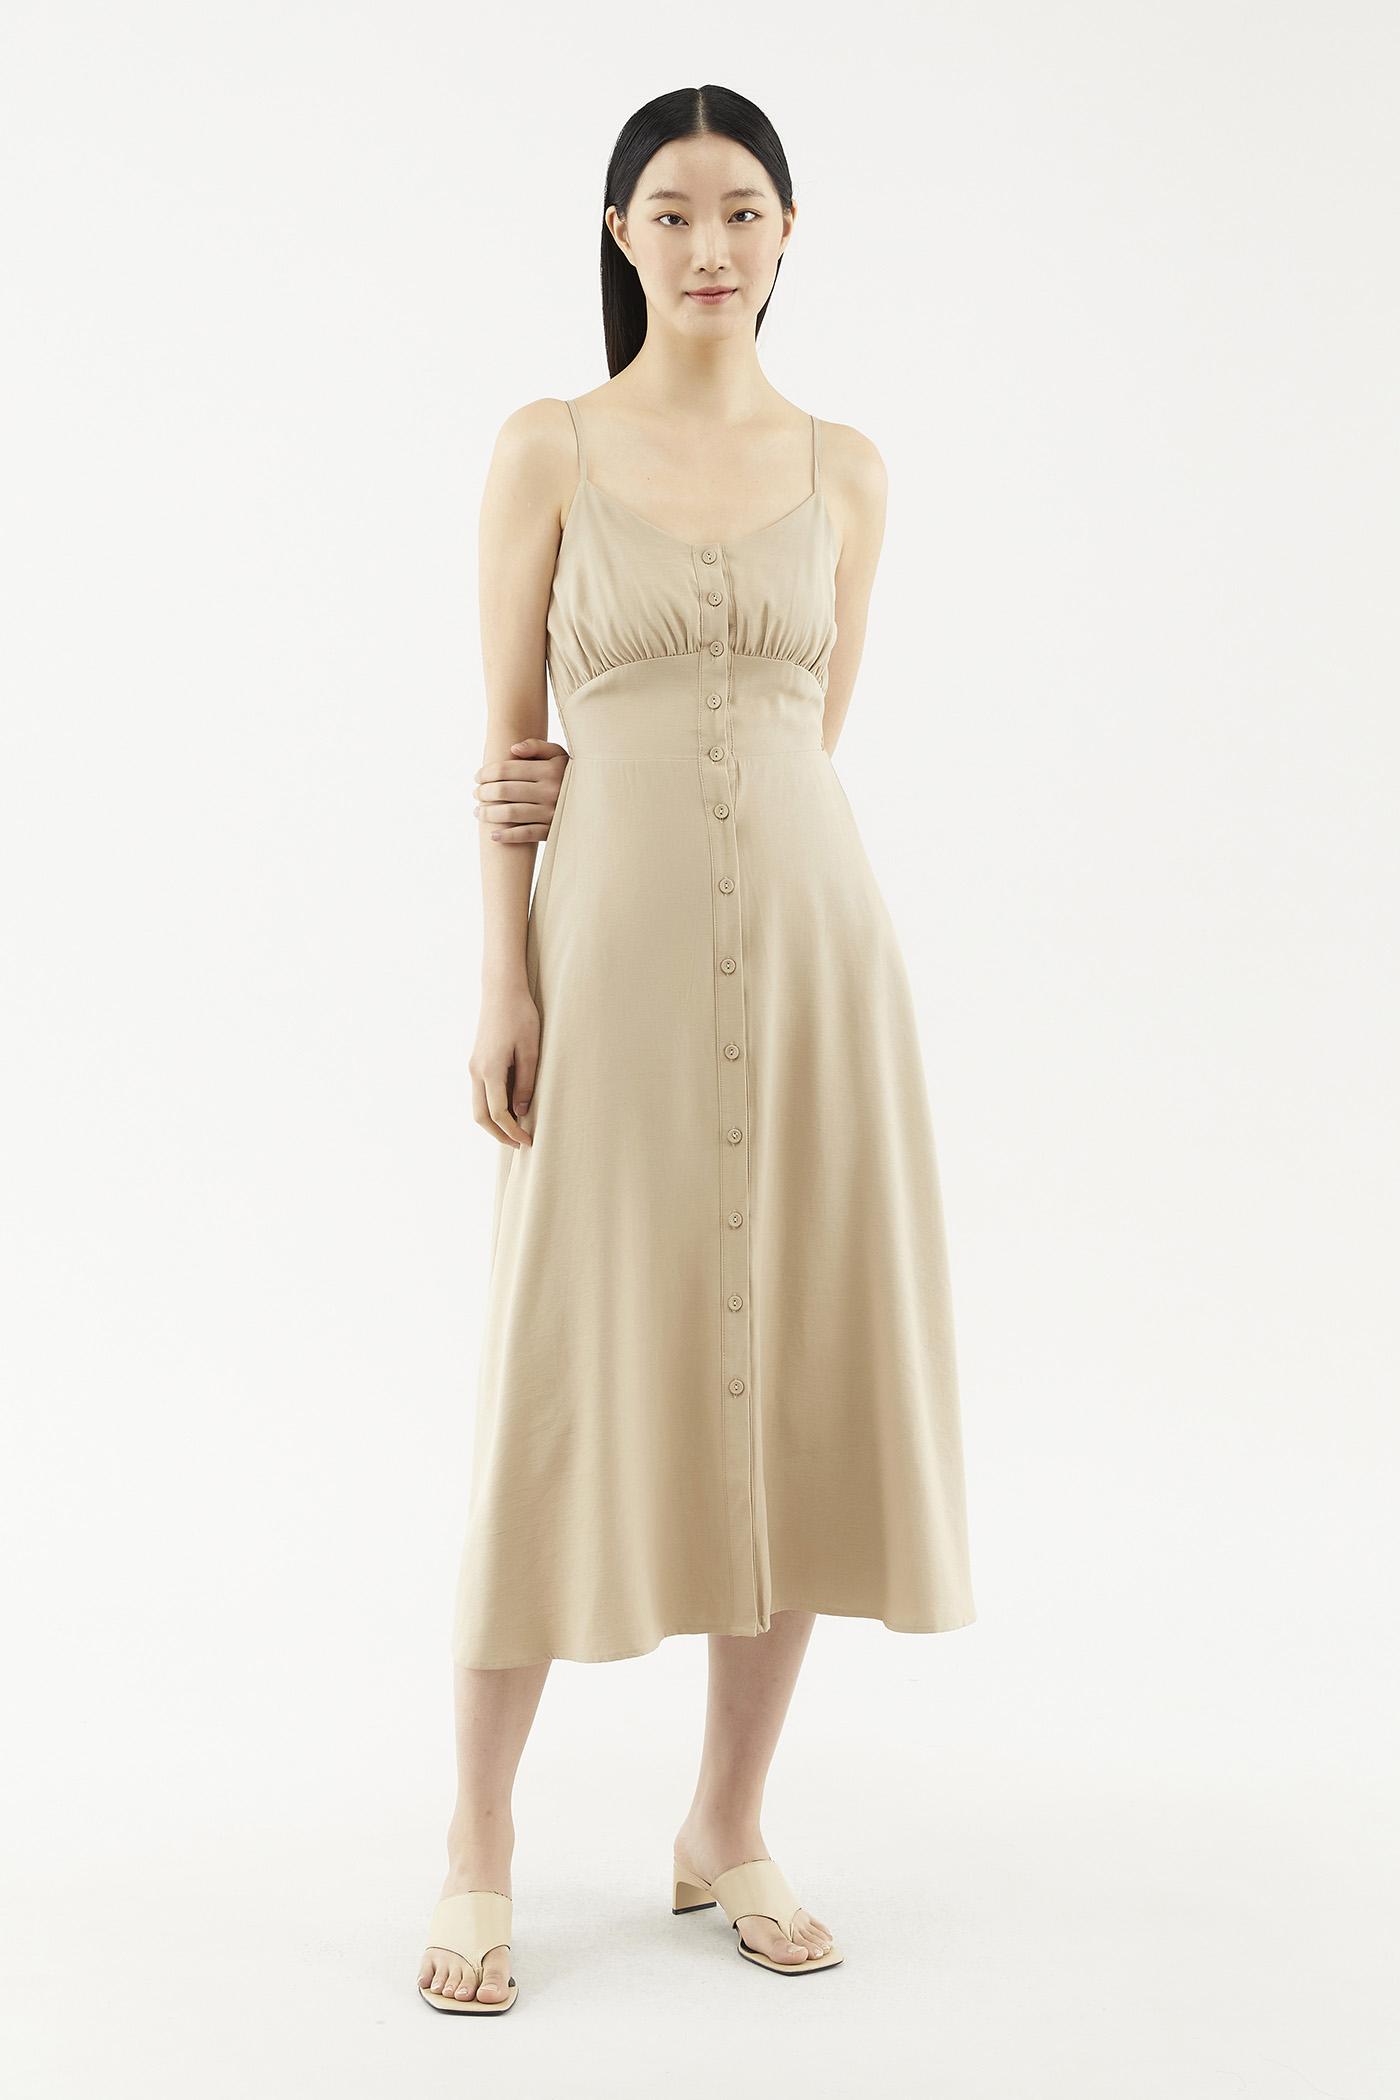 Reveca Dress